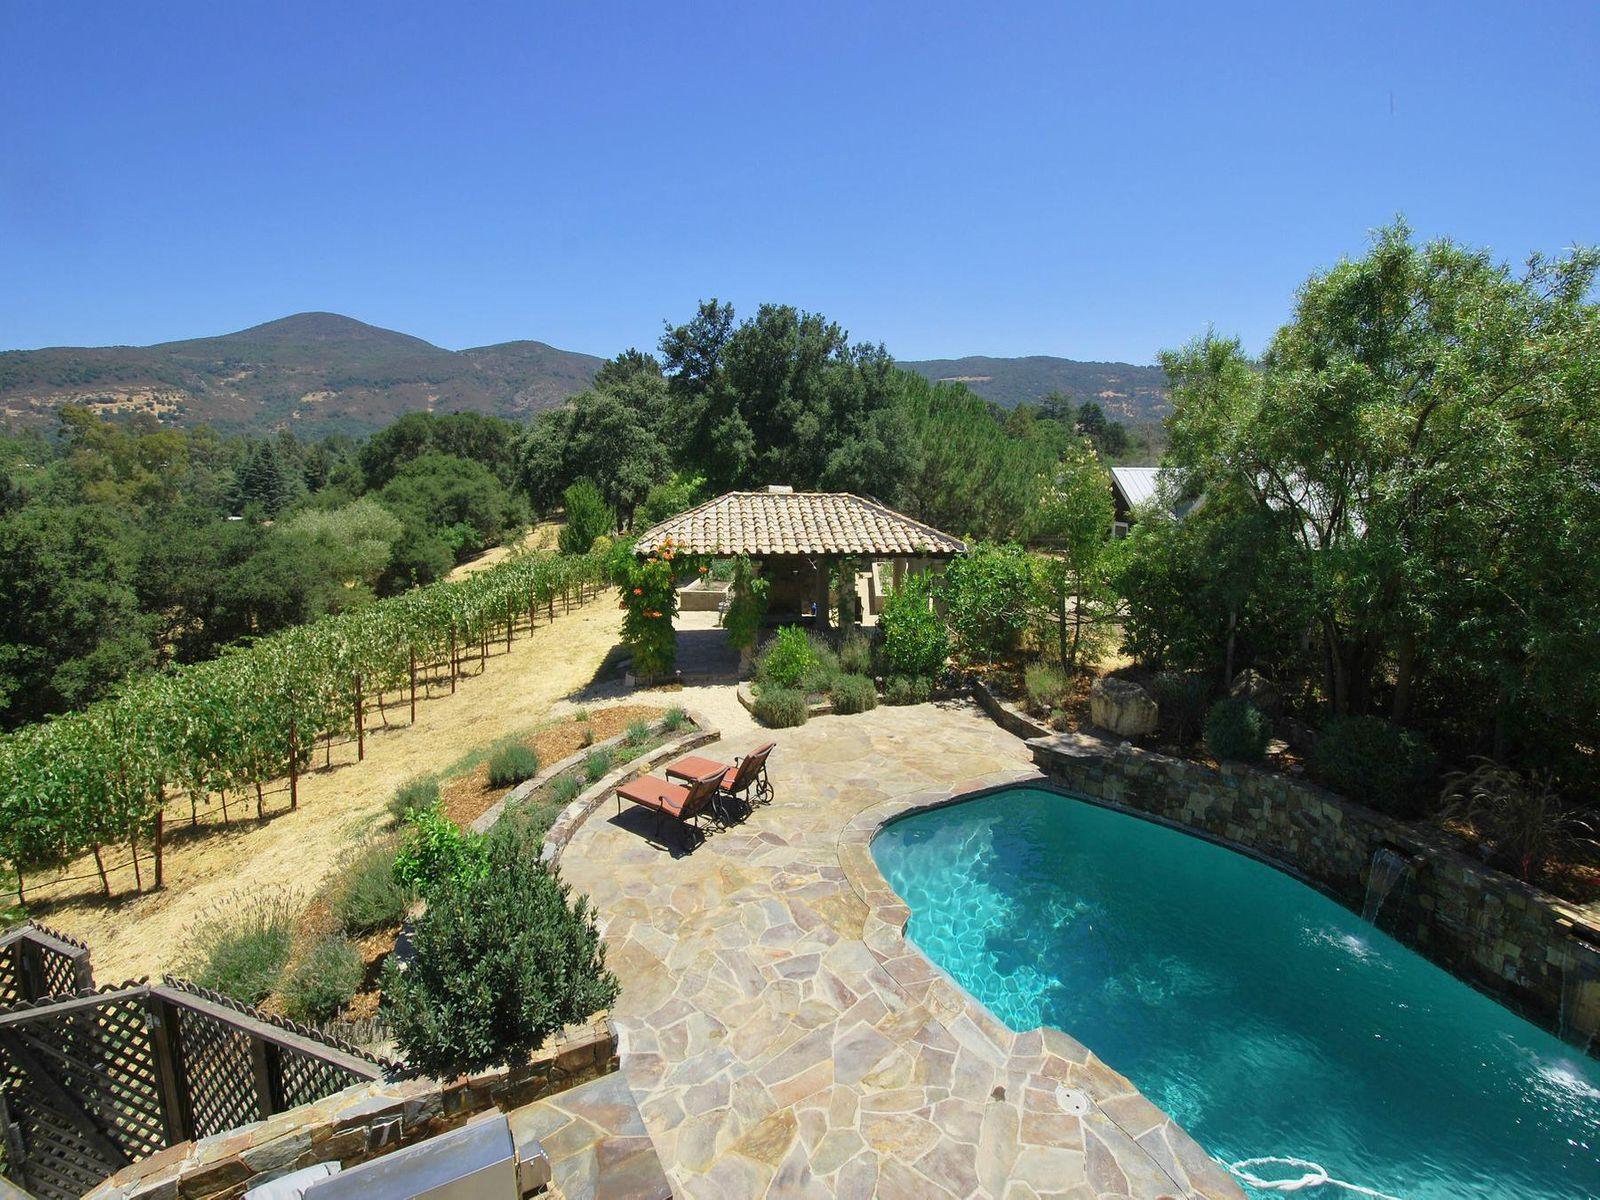 Tuscan Style Villa